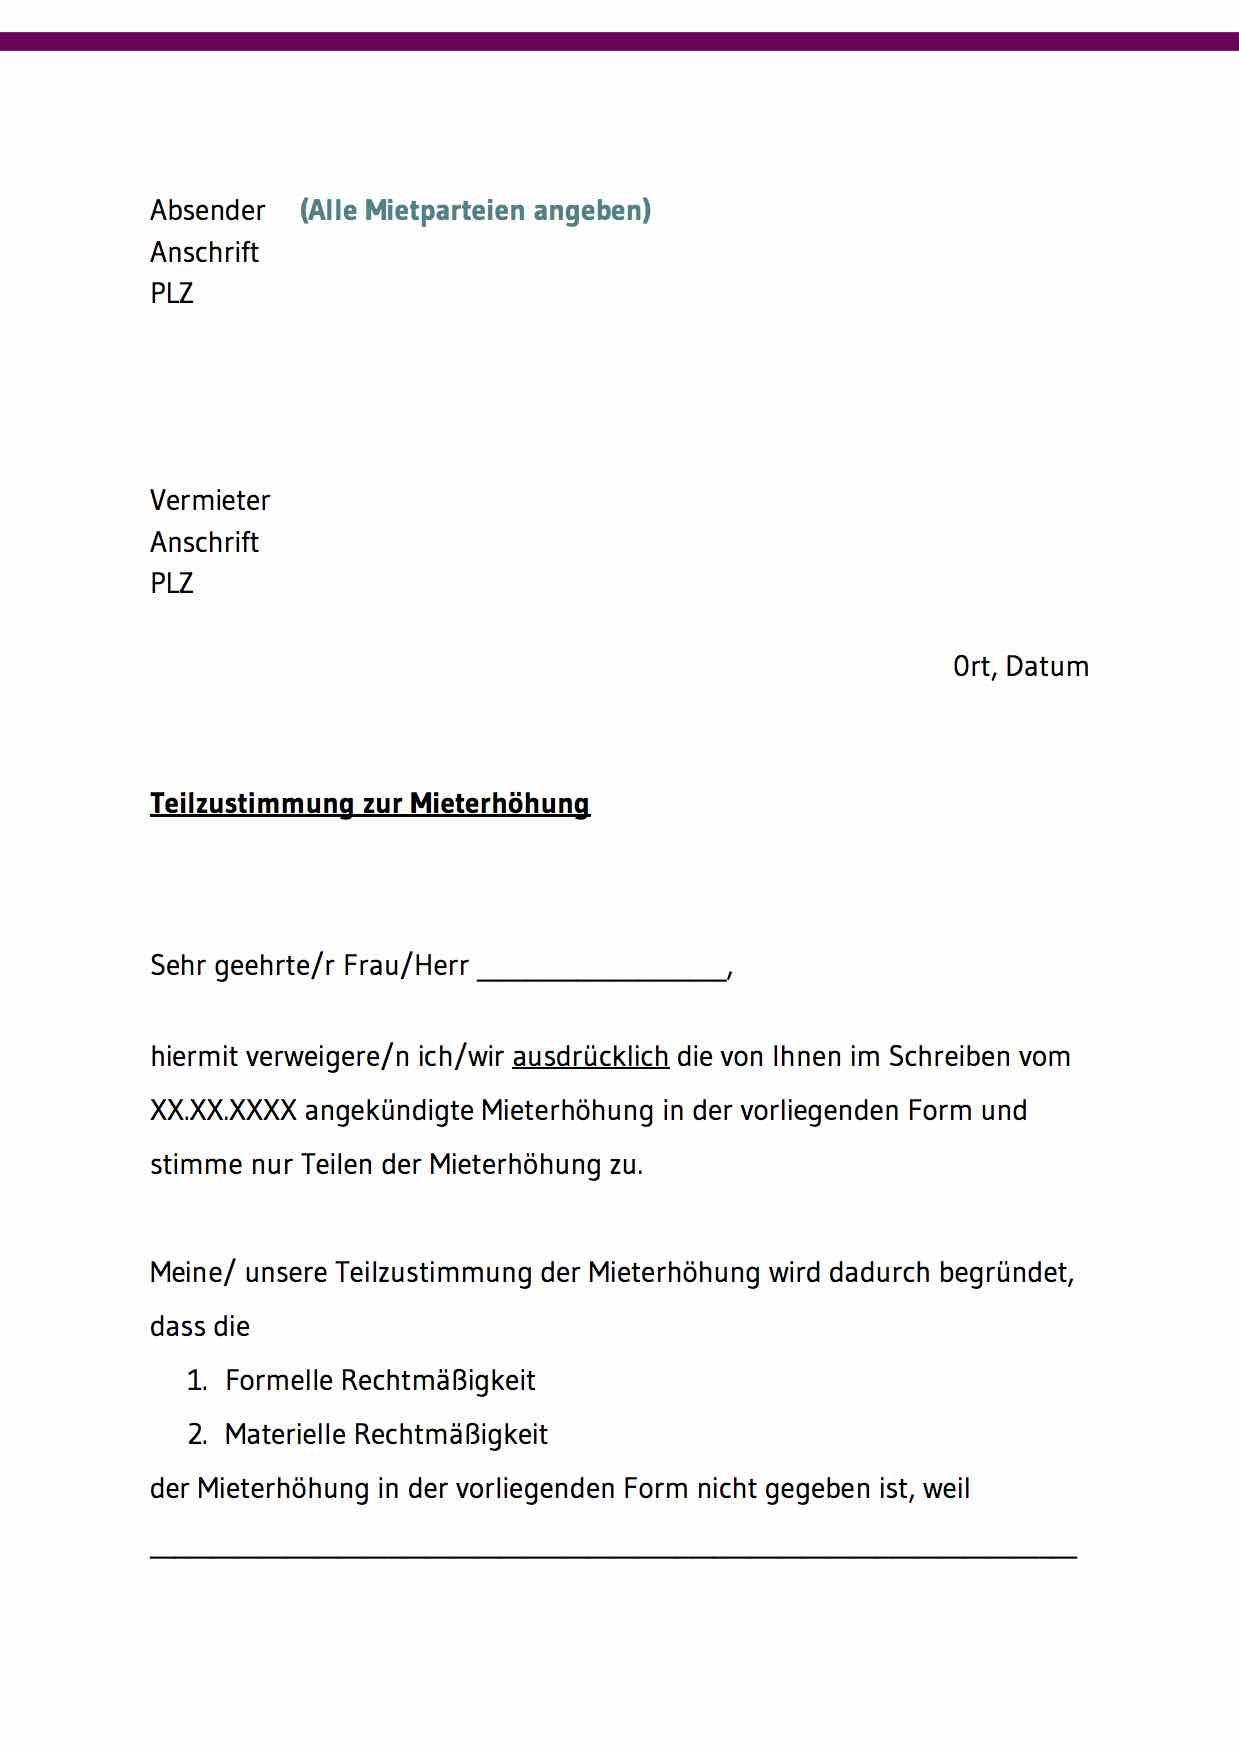 Ankundigung Mieterhohung Muster Vorlage Word Und Pdf